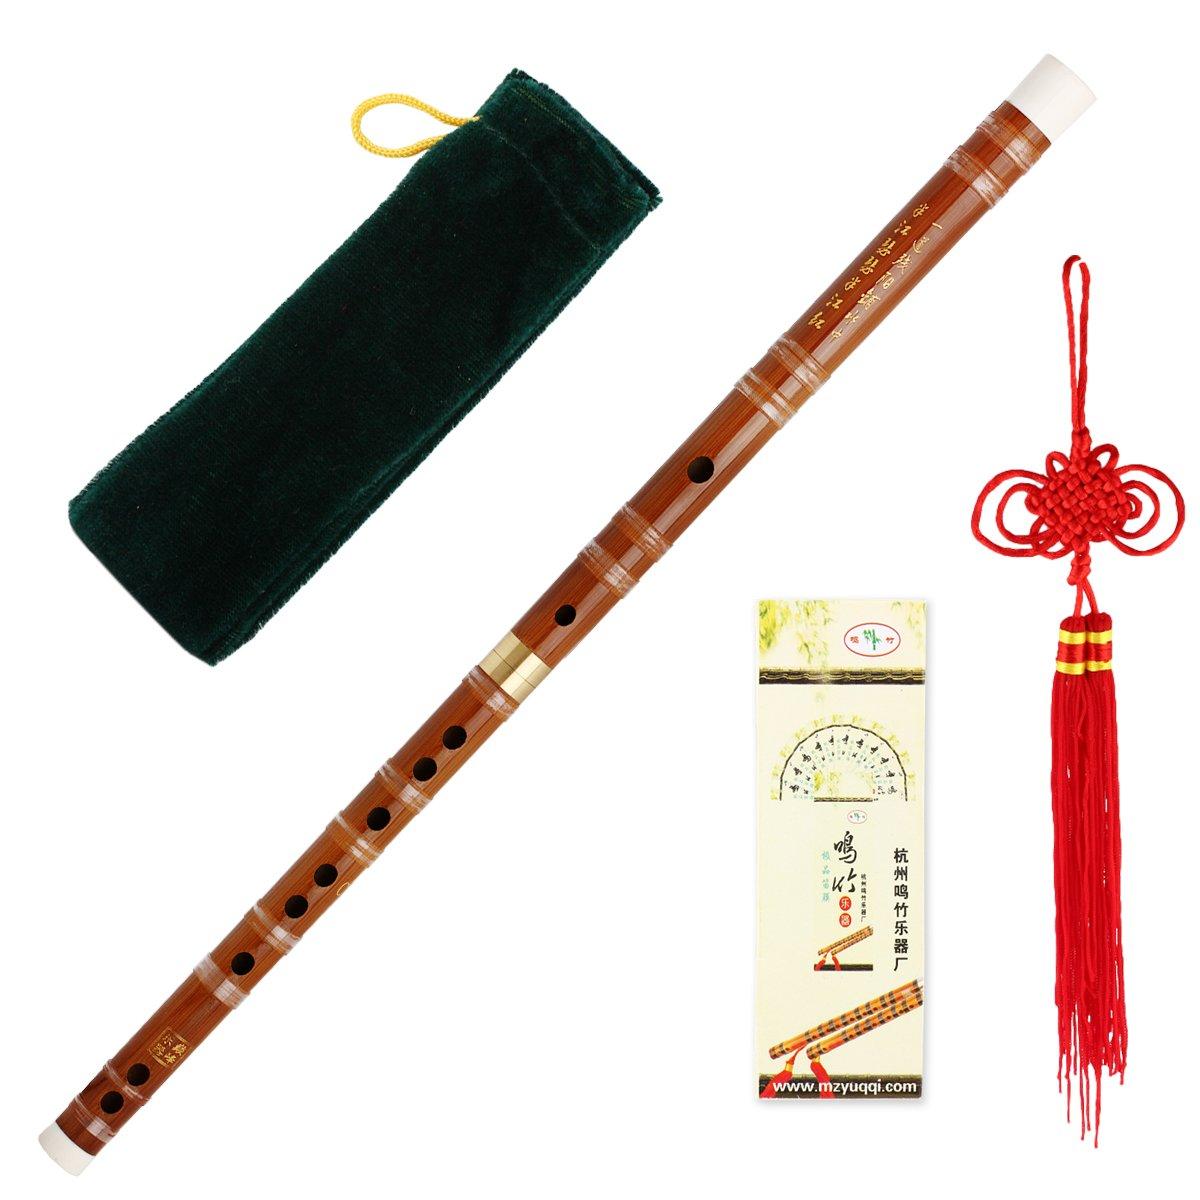 Bitter Flauta de bamb/ú de bamb/ú Dizi Flauta Profesional de los Instrumentos Musicales de Viento C D E F G Clave Chino para Principiantes Brown